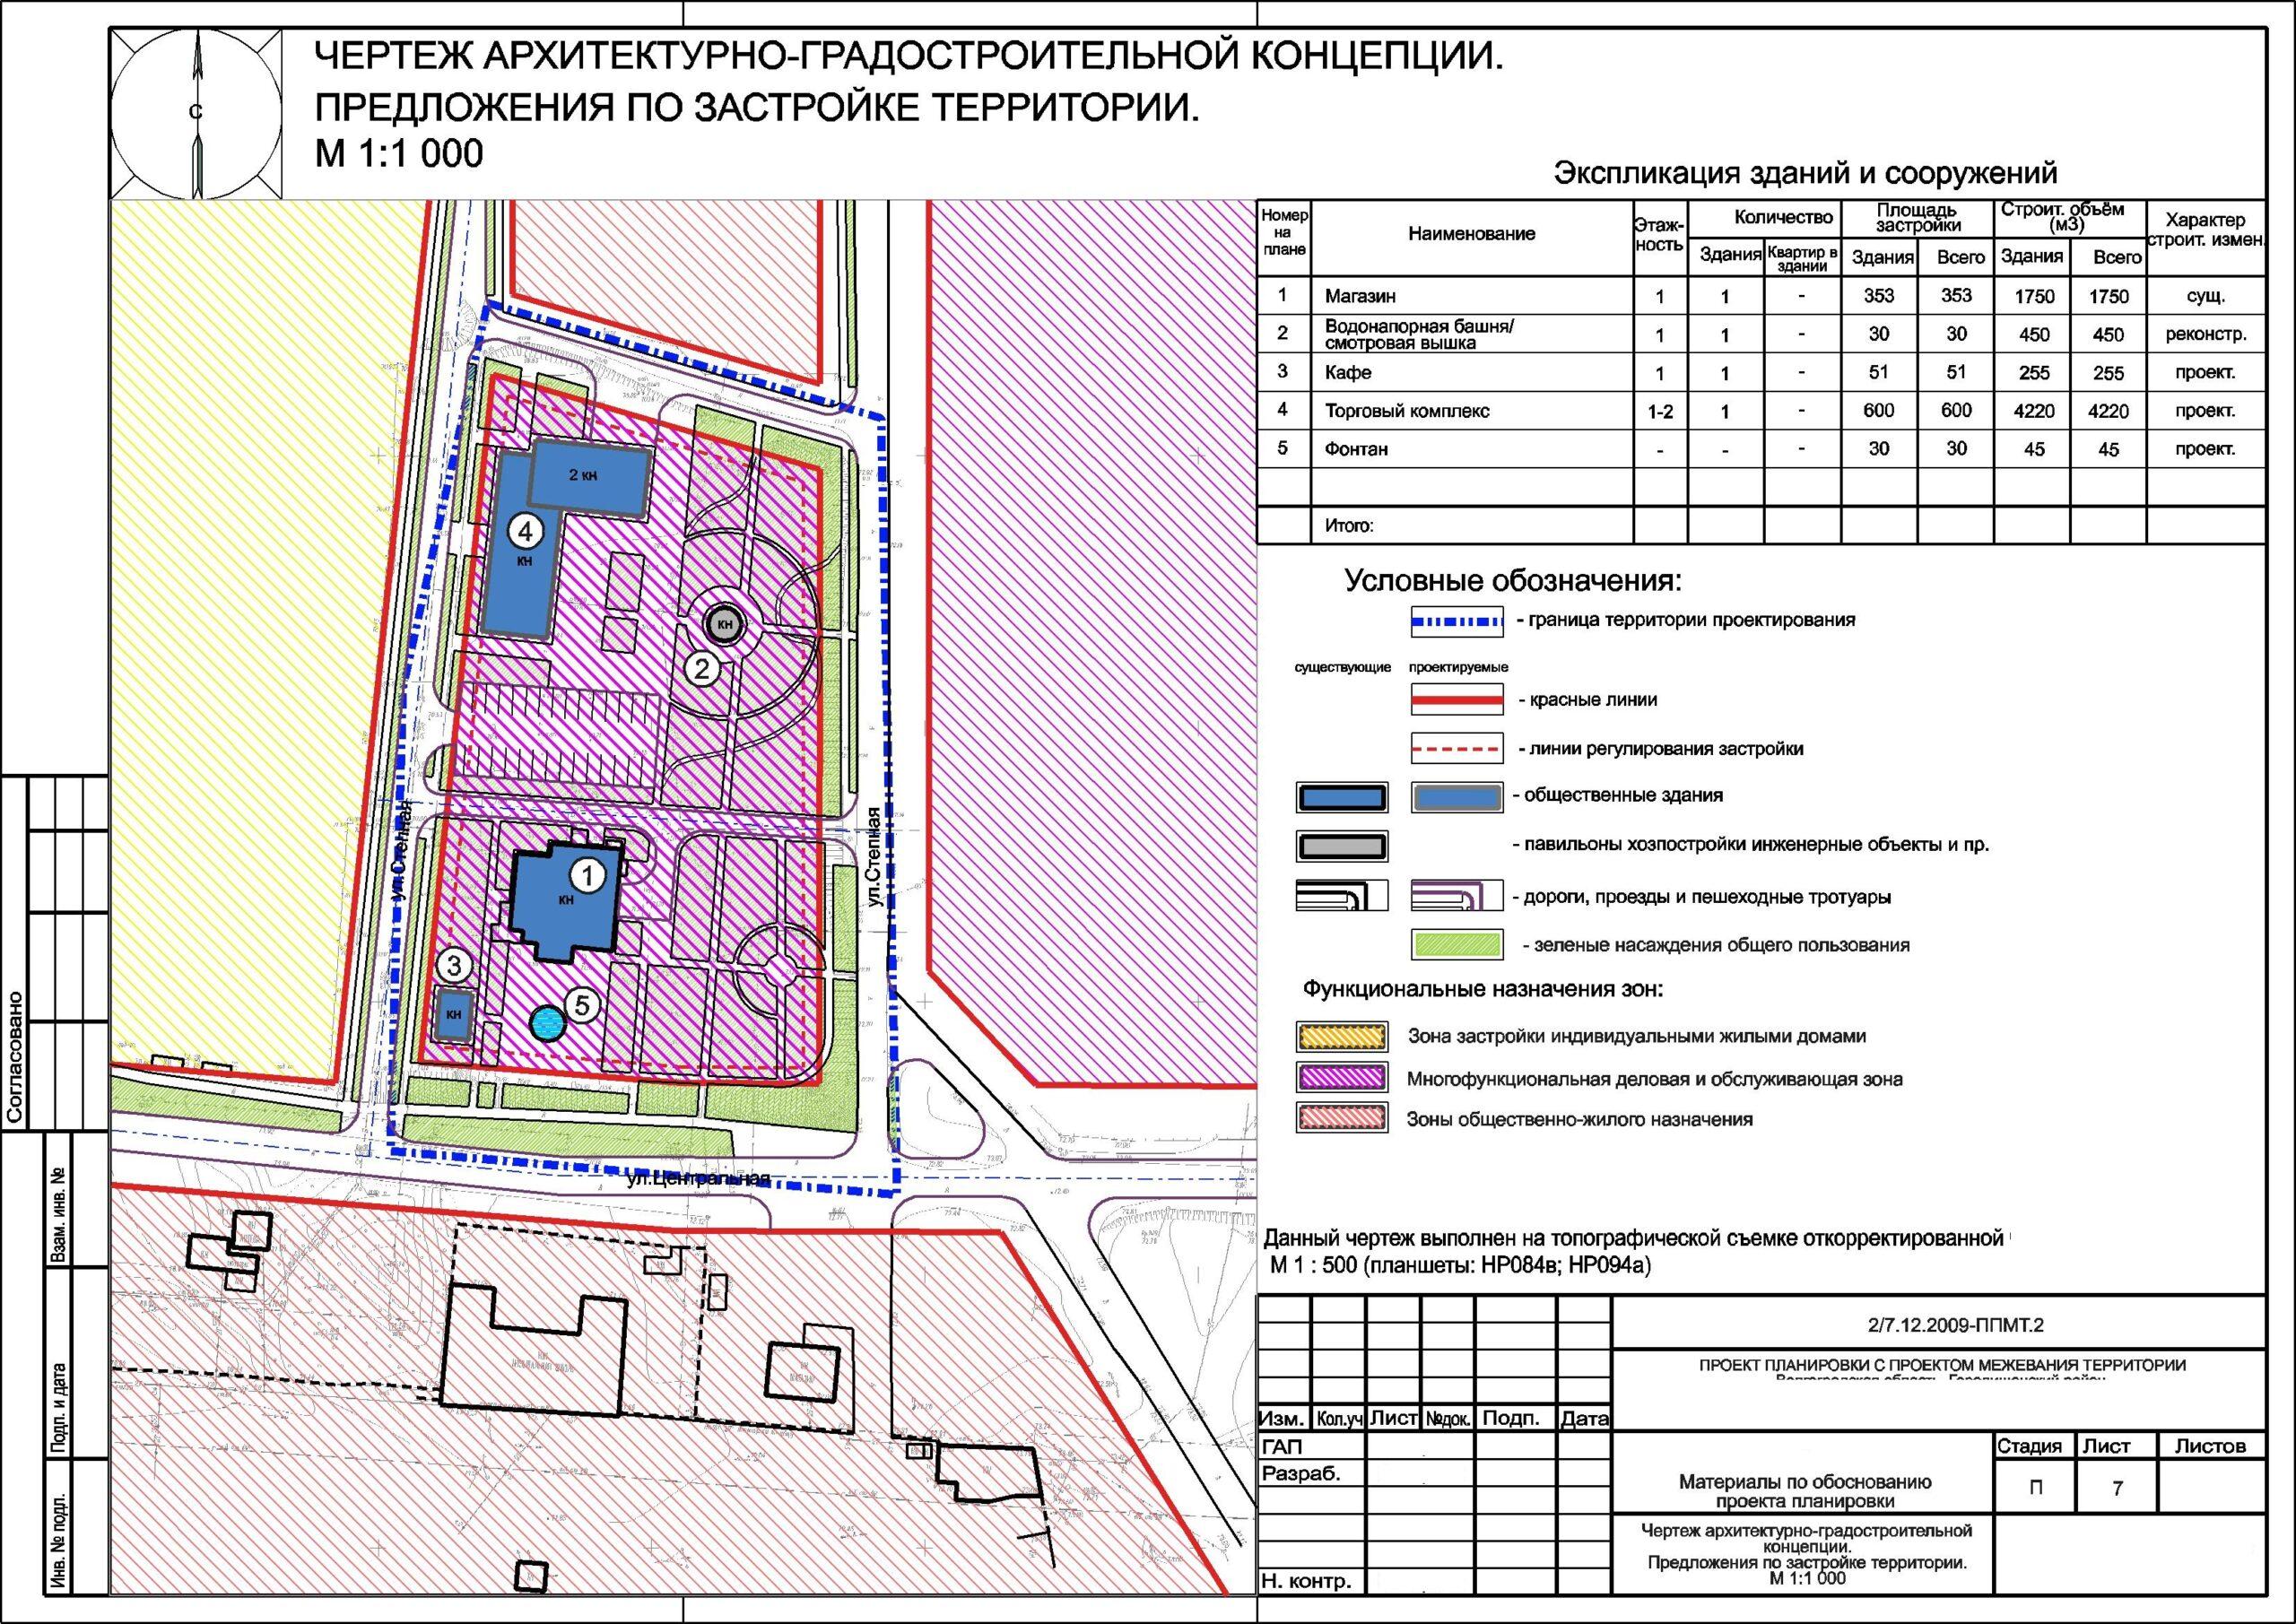 В комплект документов АГР входит описание не только самого объекта, но и прилегающей территории.